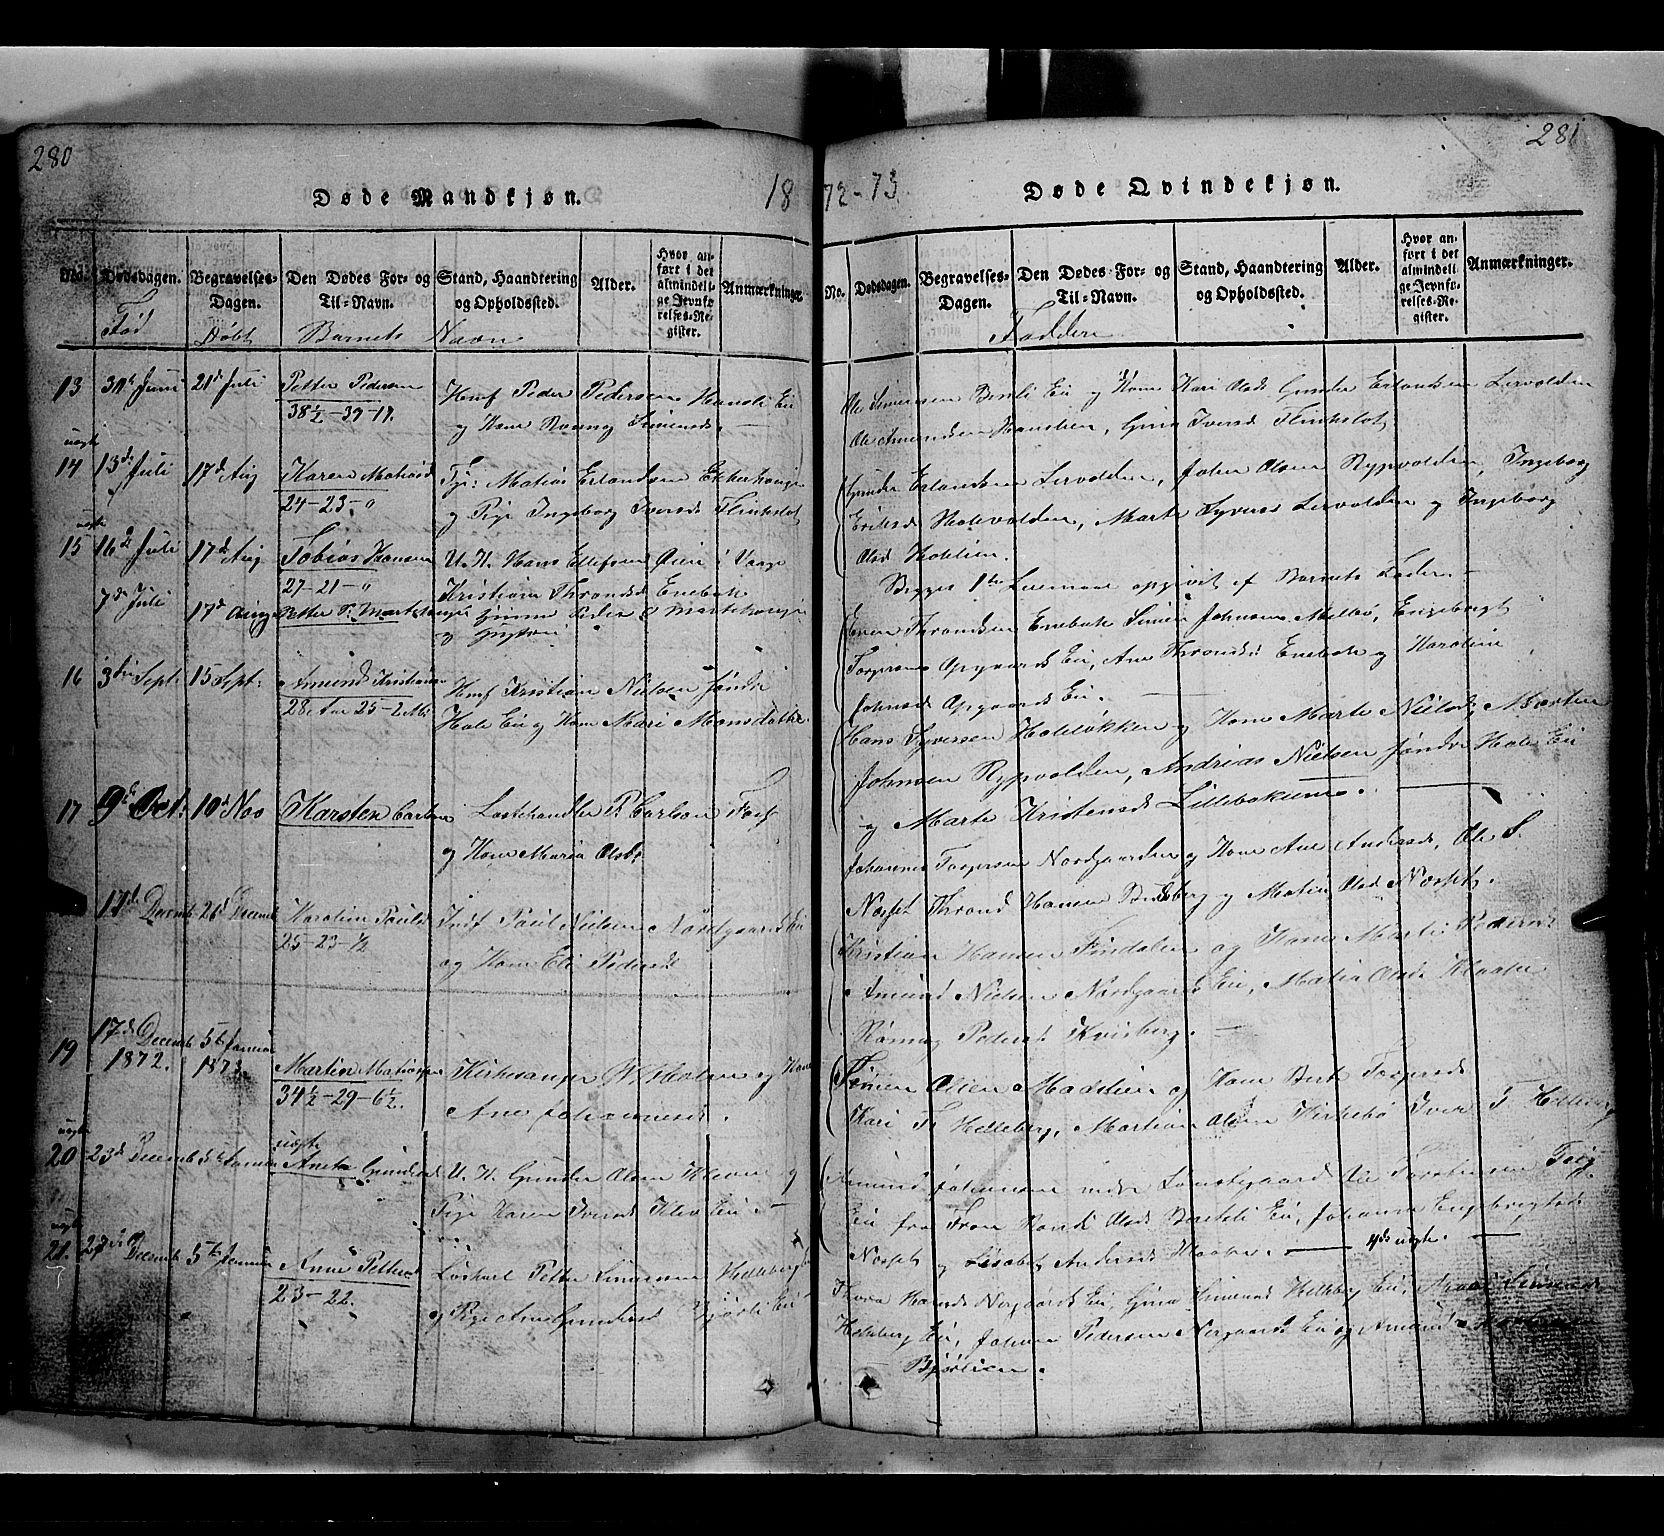 SAH, Gausdal prestekontor, Klokkerbok nr. 2, 1818-1874, s. 280-281